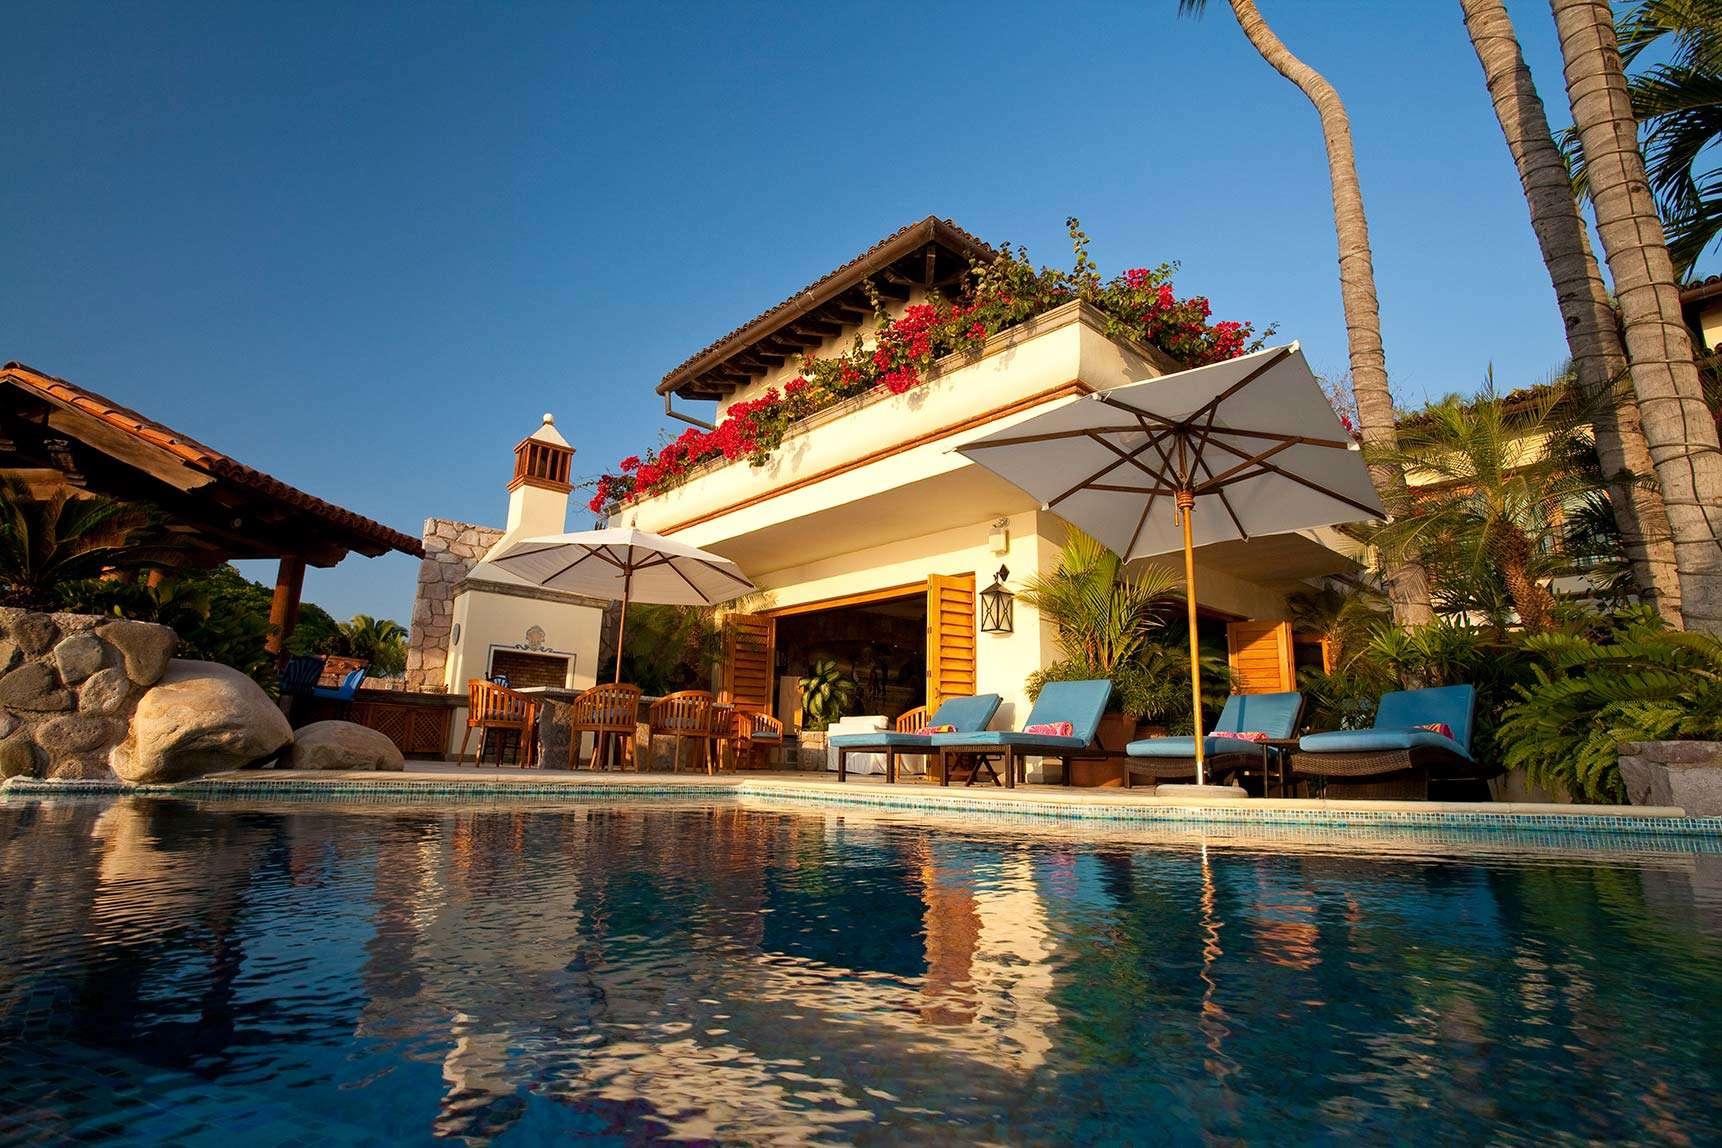 Luxury vacation rentals mexico - Puerto vallarta - Conchas chinas - No location 4 - Villa Amapas I North - Image 1/16